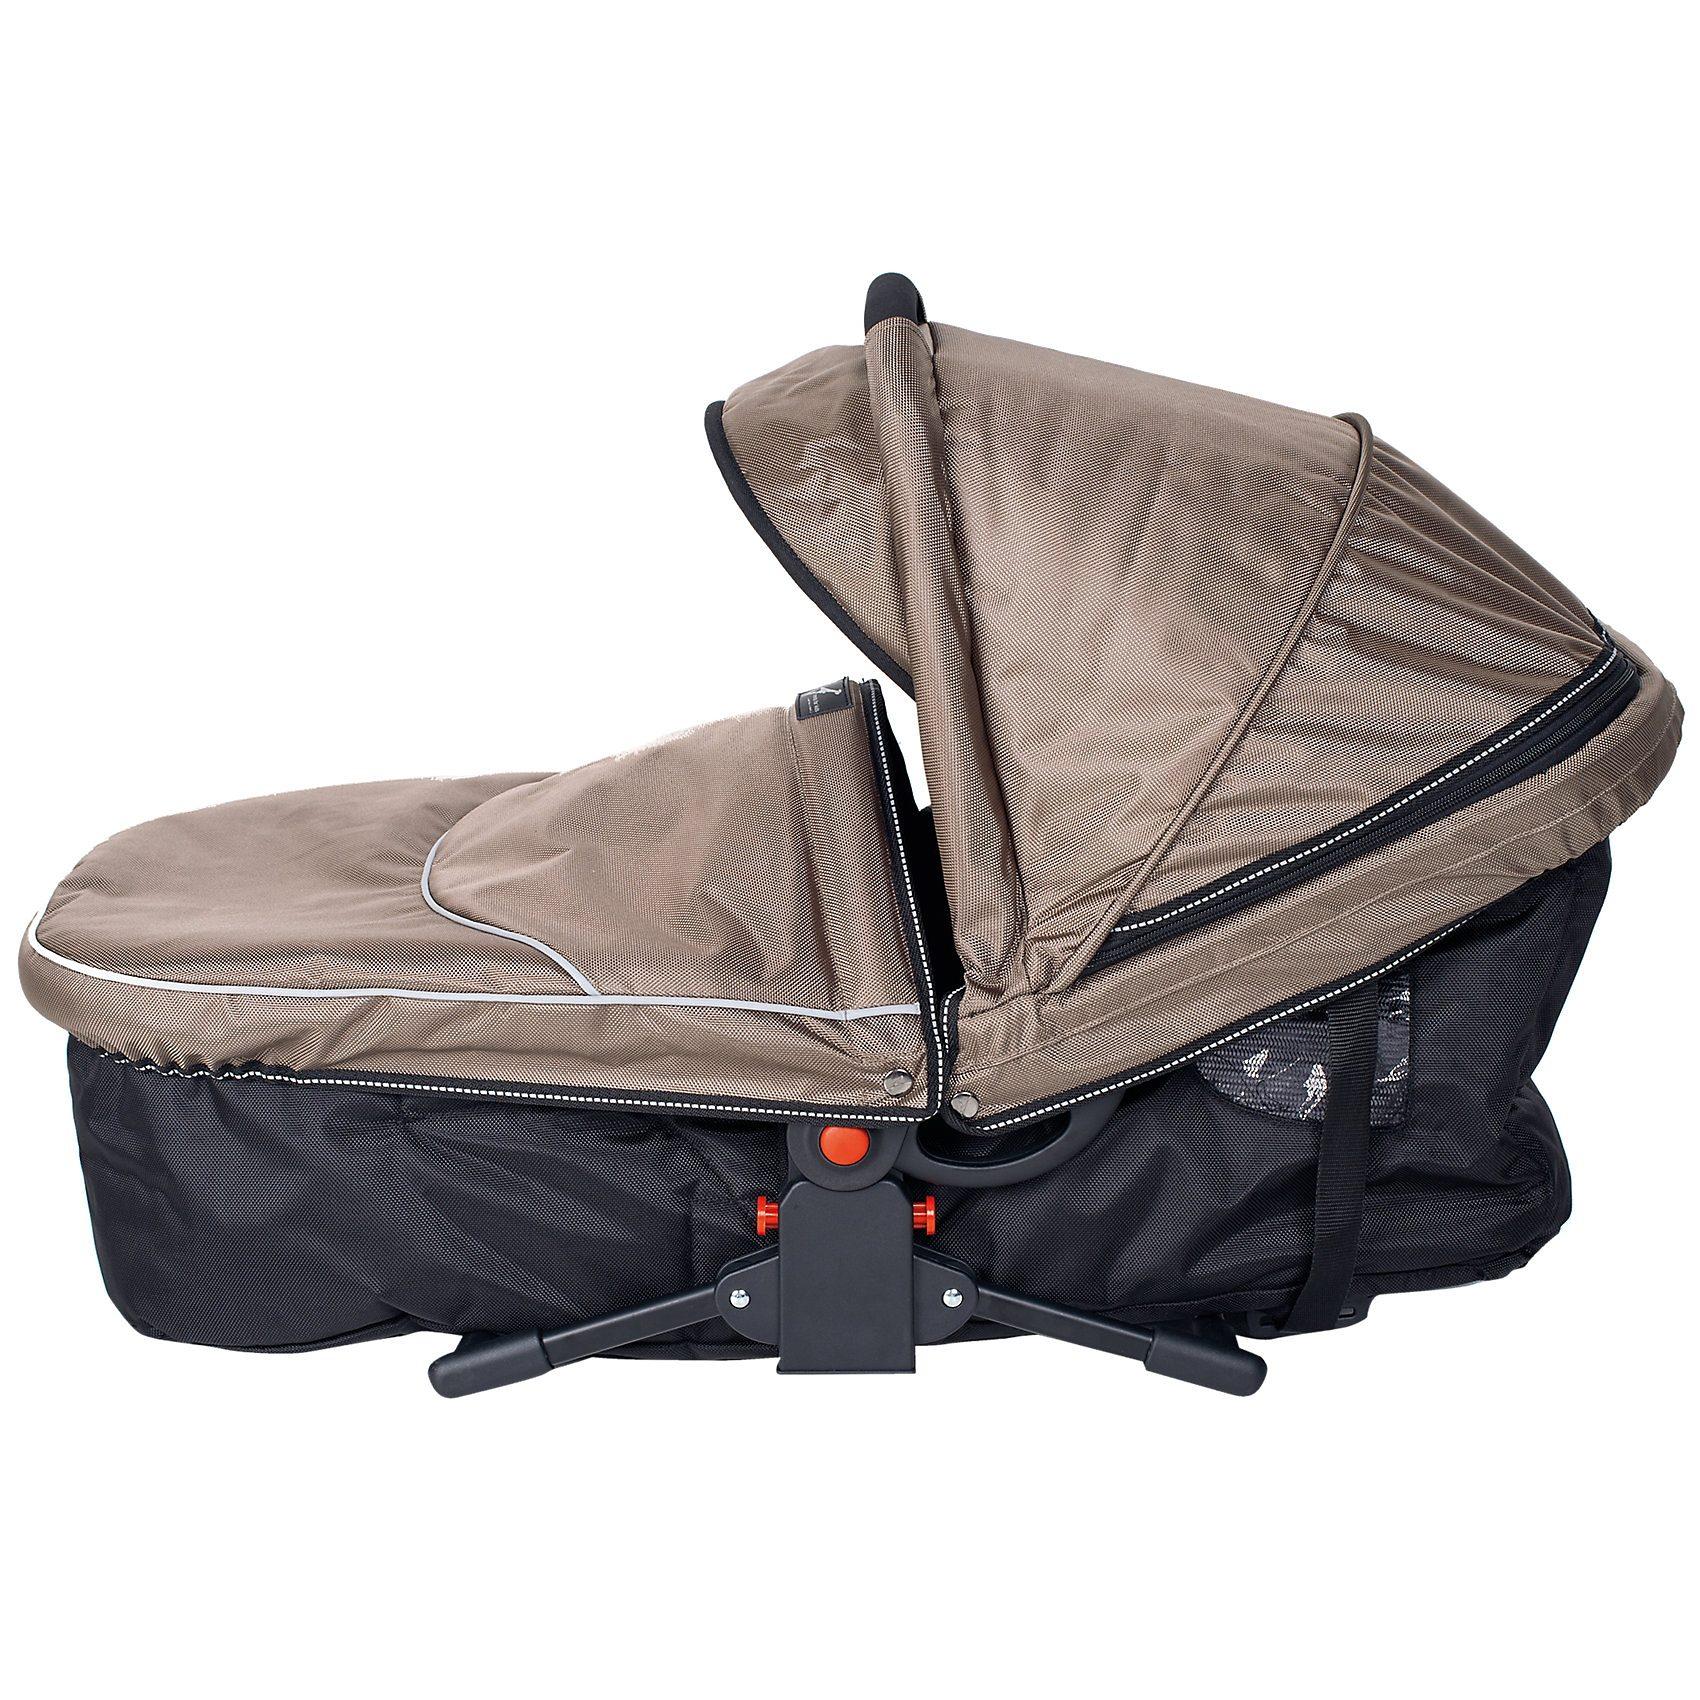 TFK Kinderwagenaufsatz Multi X, schlamm